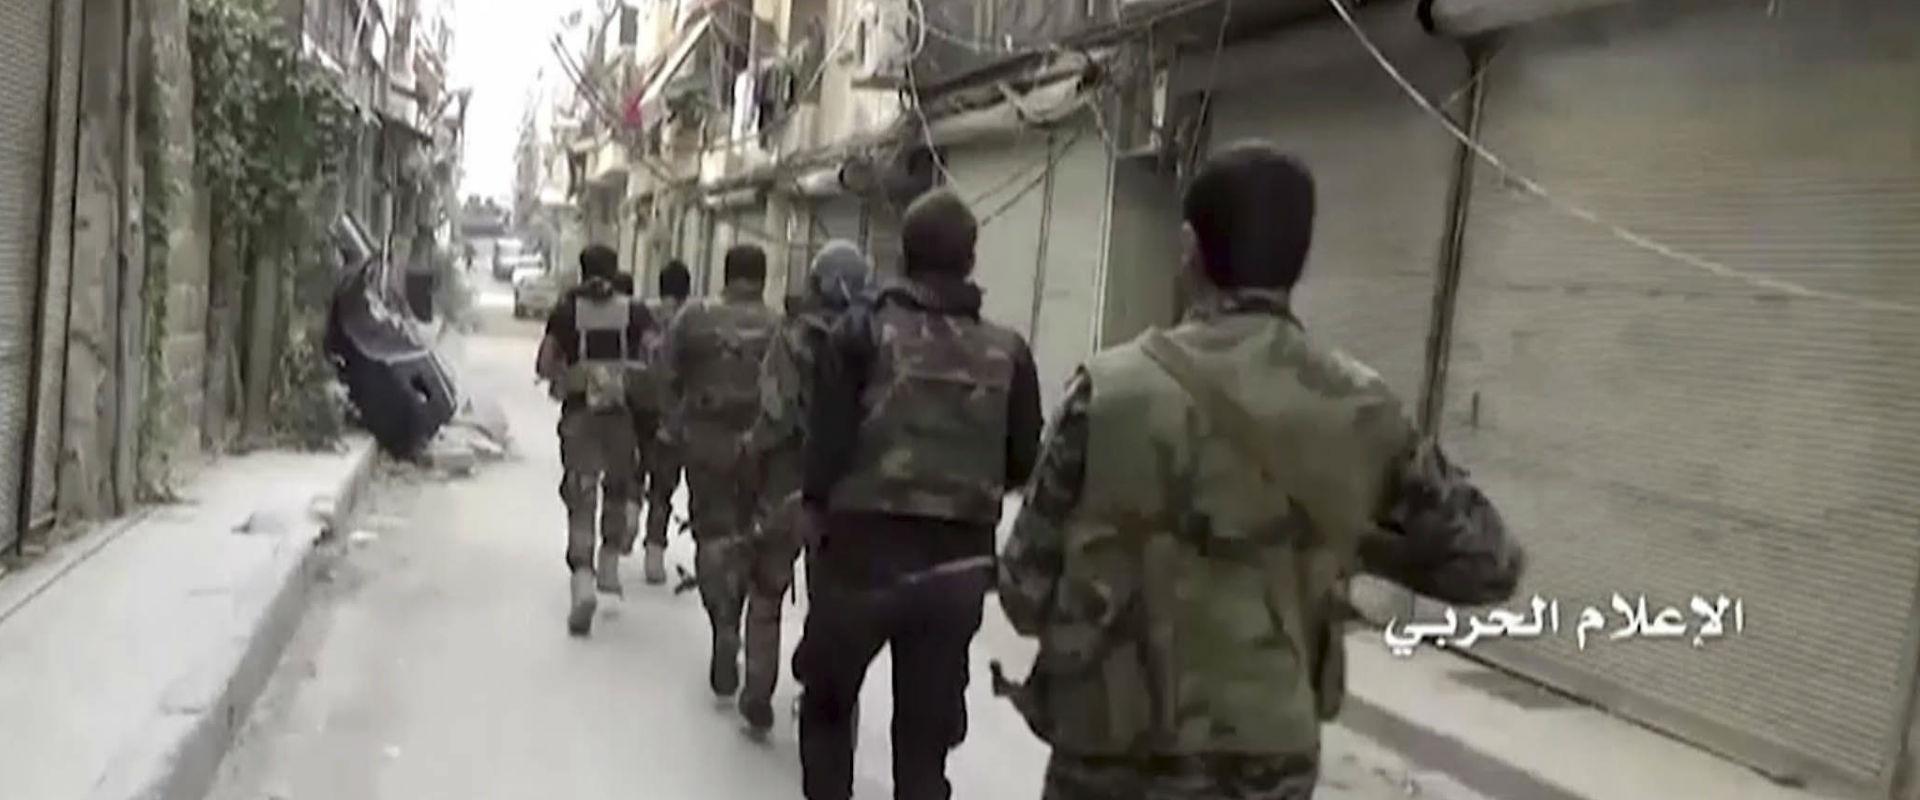 לחימה בדיר א-זור שבסוריה